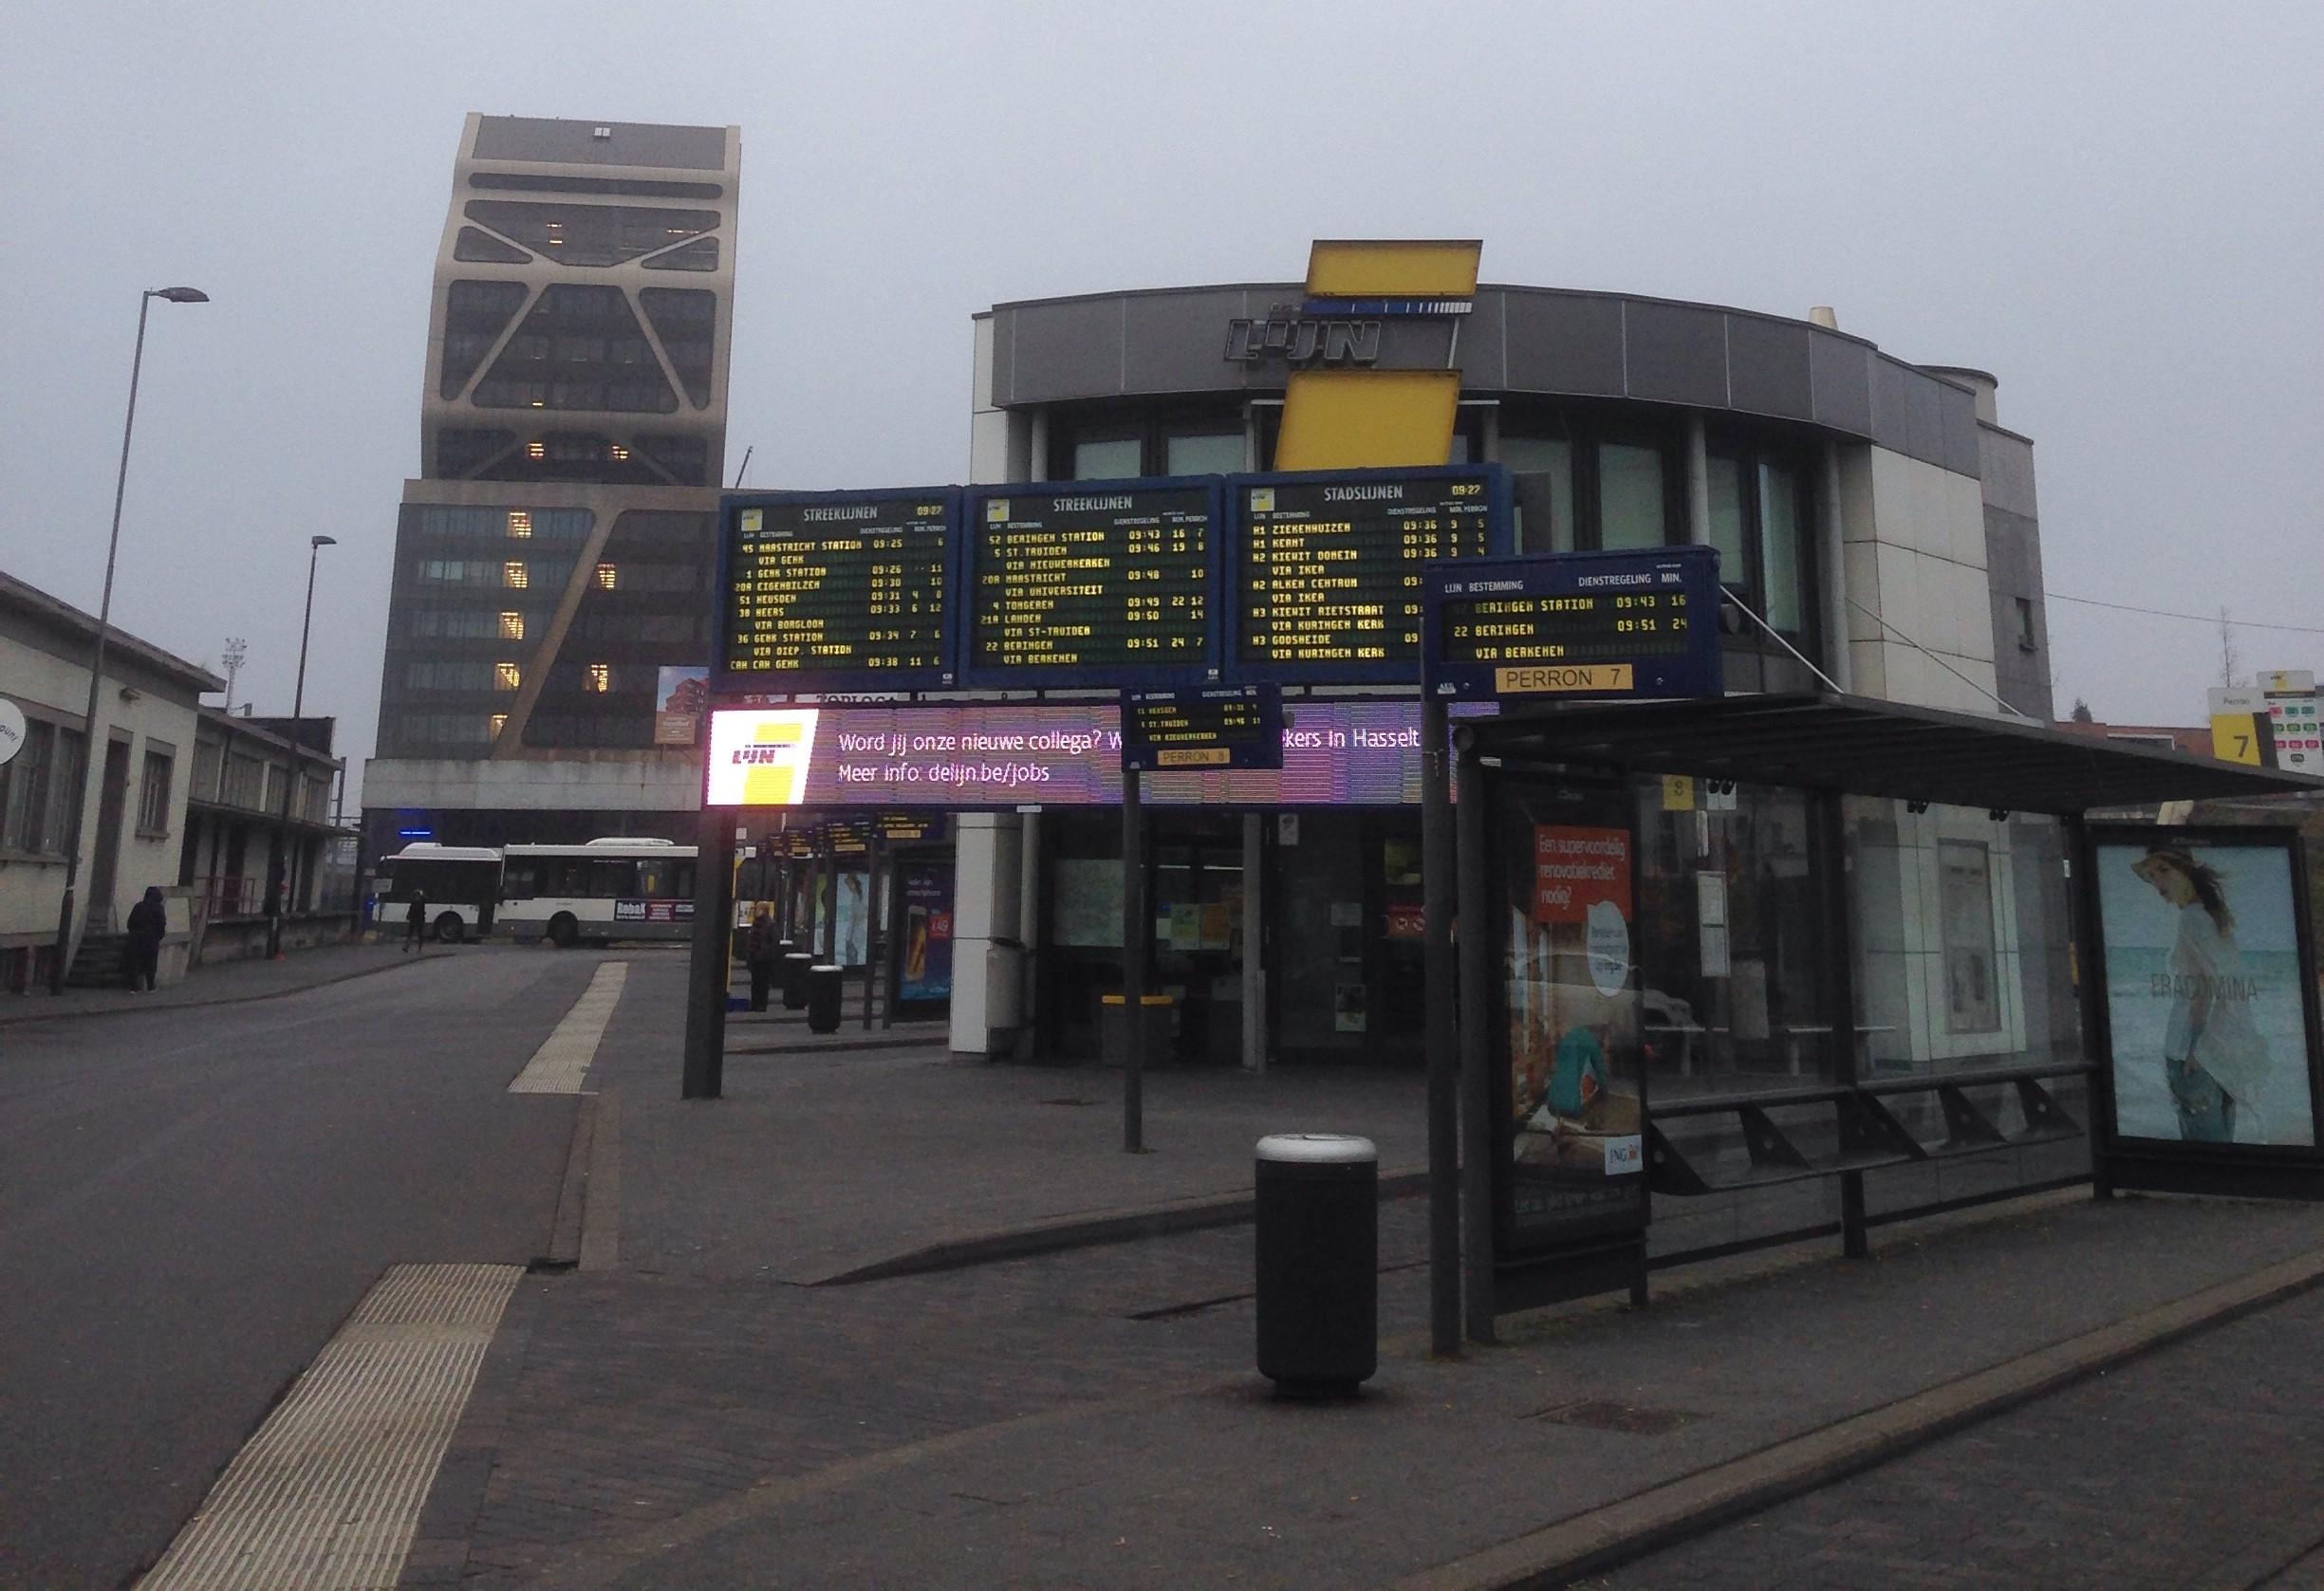 Halte bus De Lijin di Hasselt, Belgia. [Sumber: dokumentasi penulis]